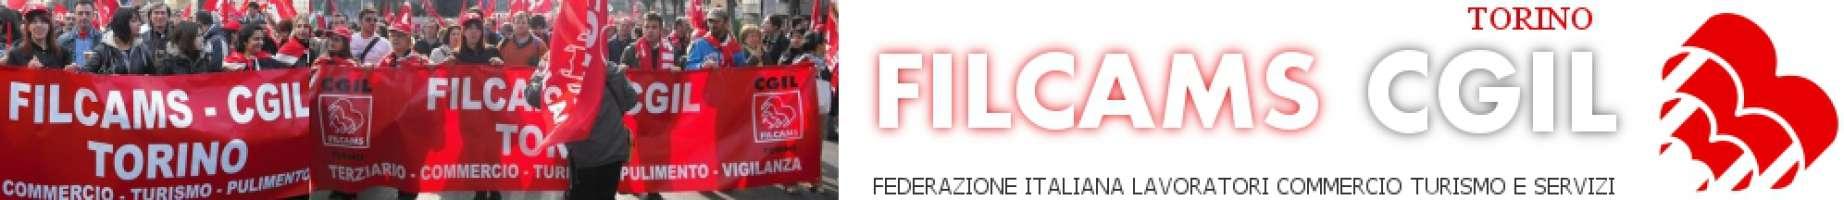 NO ALLA LIBERALIZZAZIONE DELL'APERTURA DEI NEGOZI !